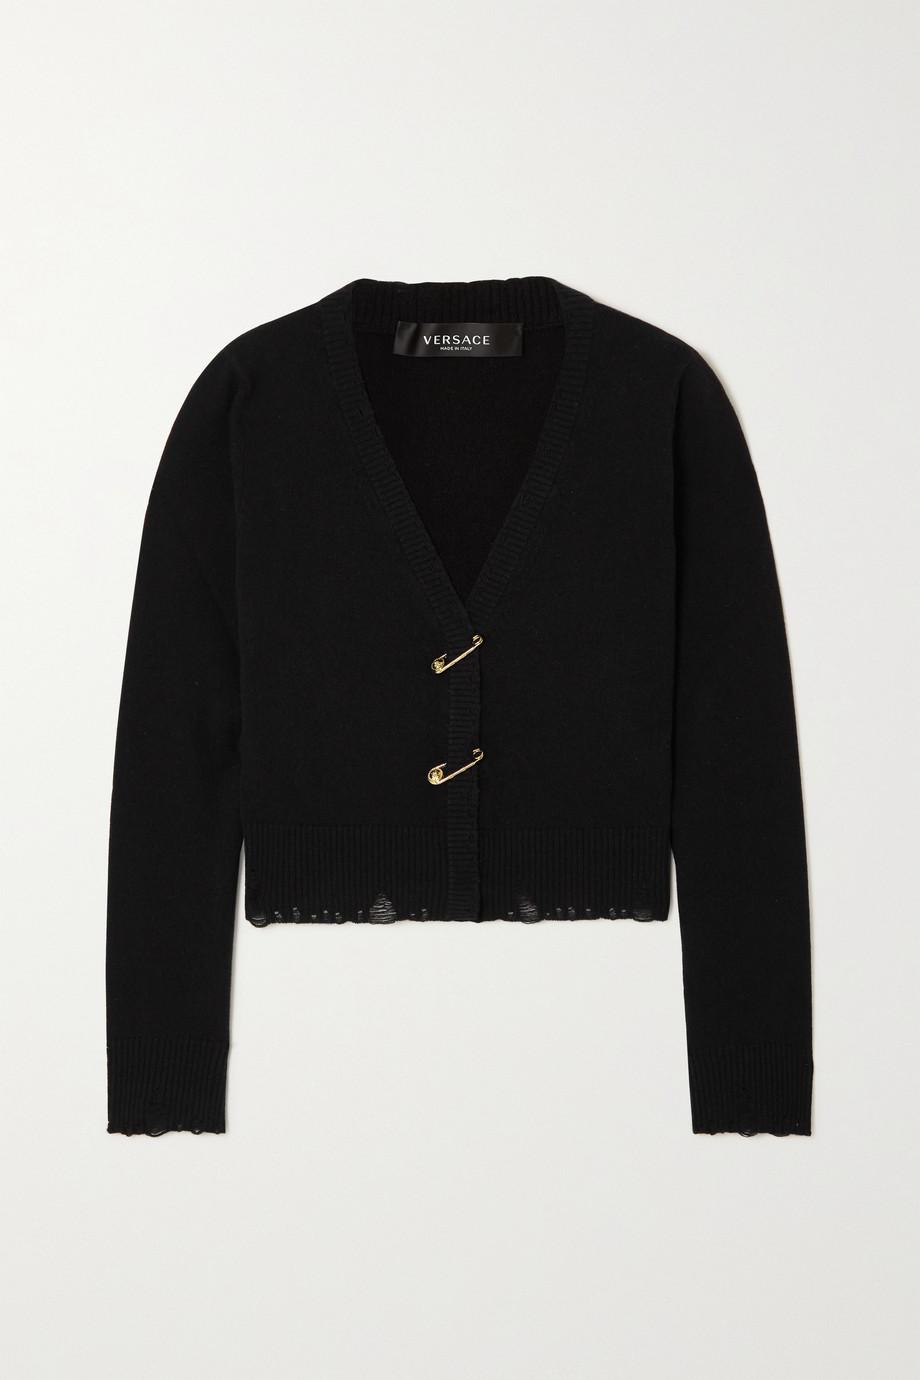 Versace Cardigan aus einer Kaschmir-Wollmischung mit Verzierungen und Distressed-Details